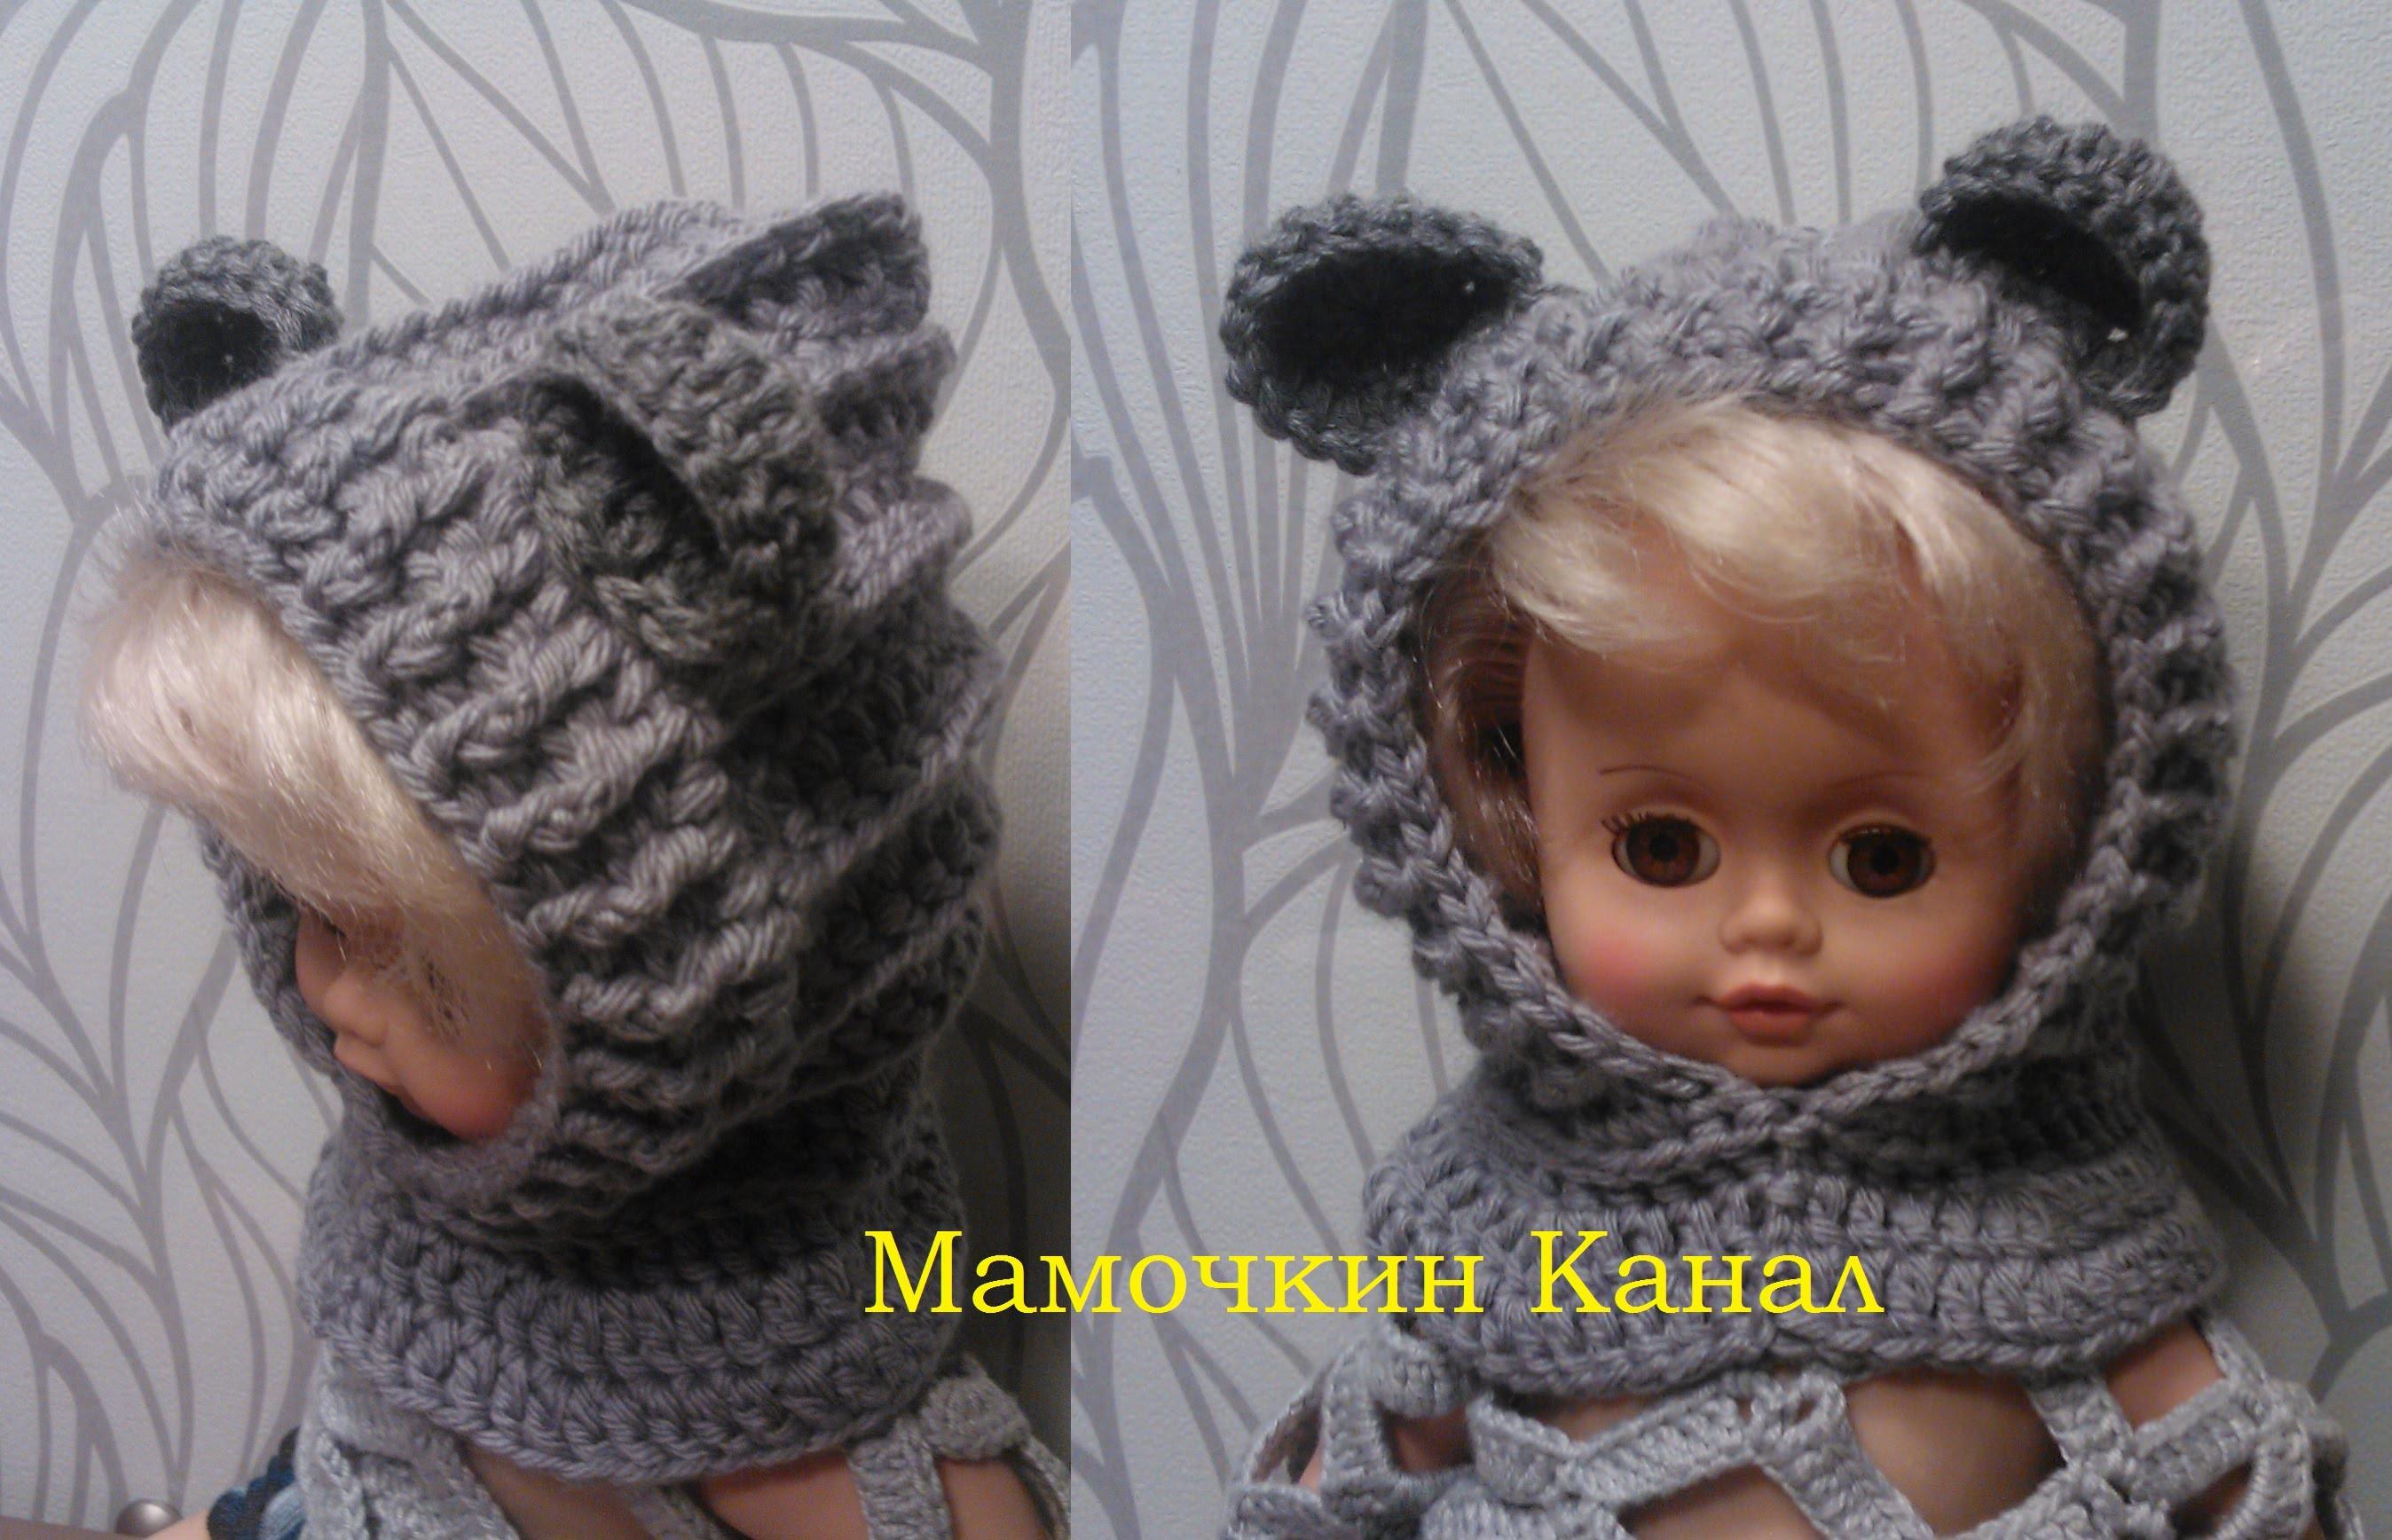 Теплая детская шапка с ушками вязаная спицами для мальчика 26